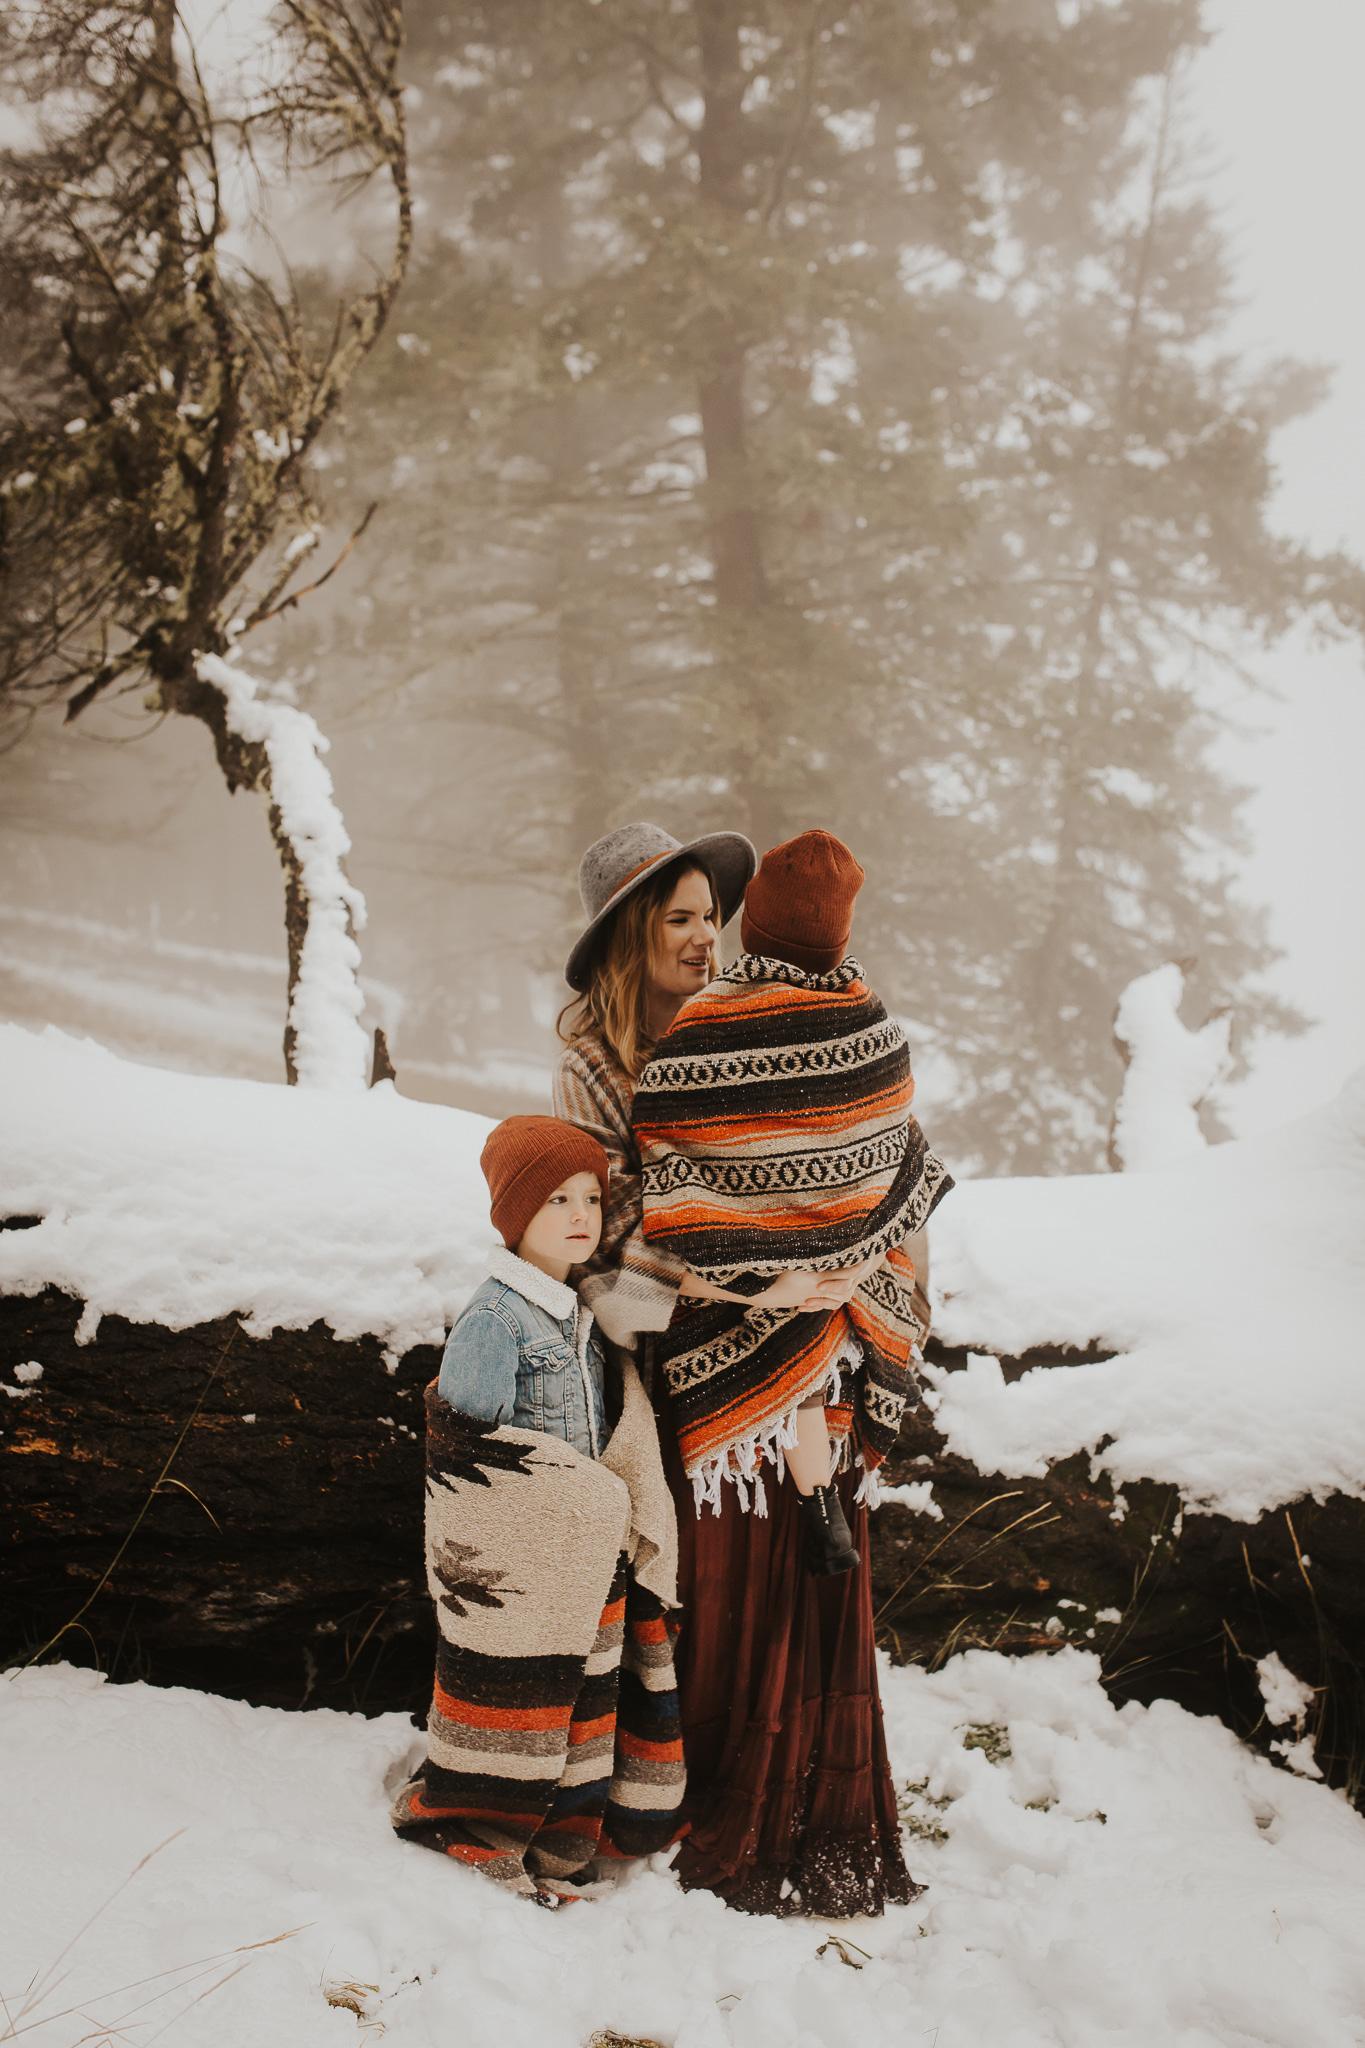 Alina-Joy-Photography-Cold-Lake-Lifestyle-Photographer-269.jpg